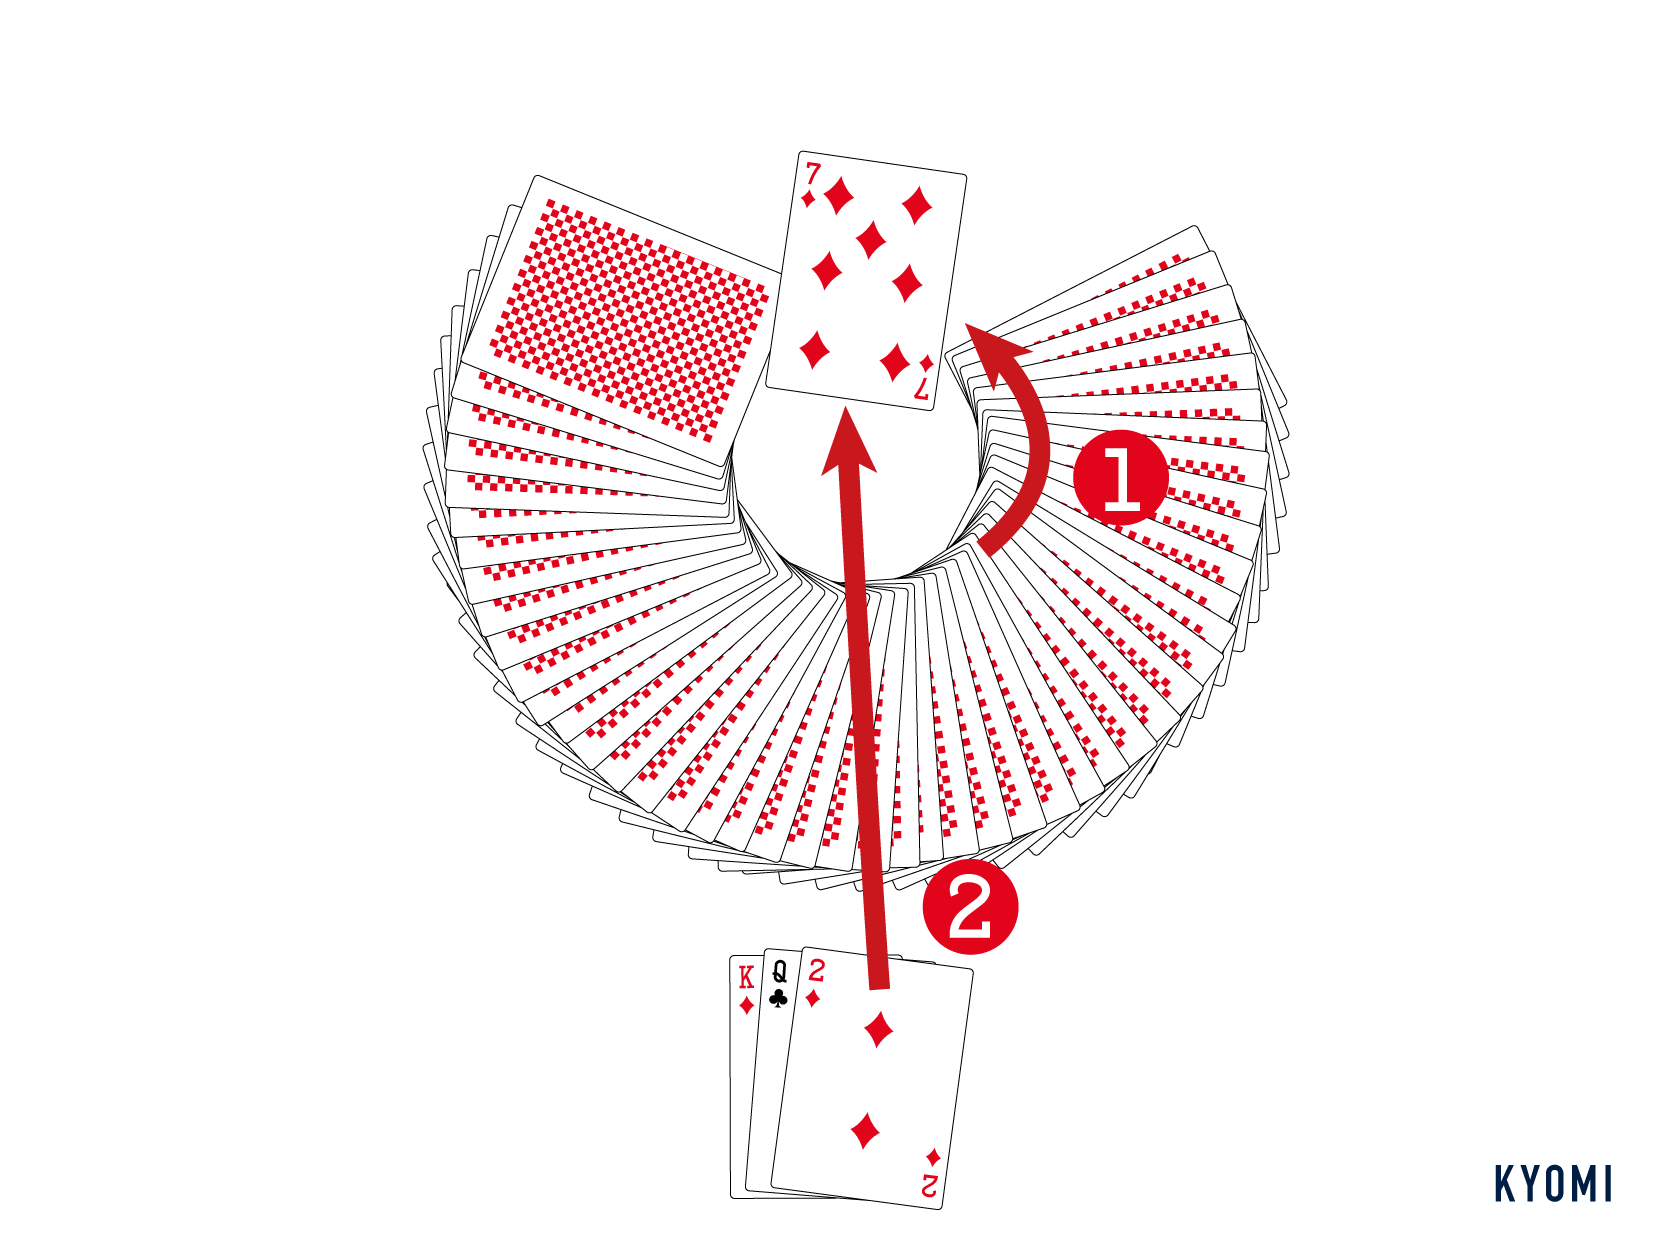 ぶたのしっぽ-図-カードの出し方